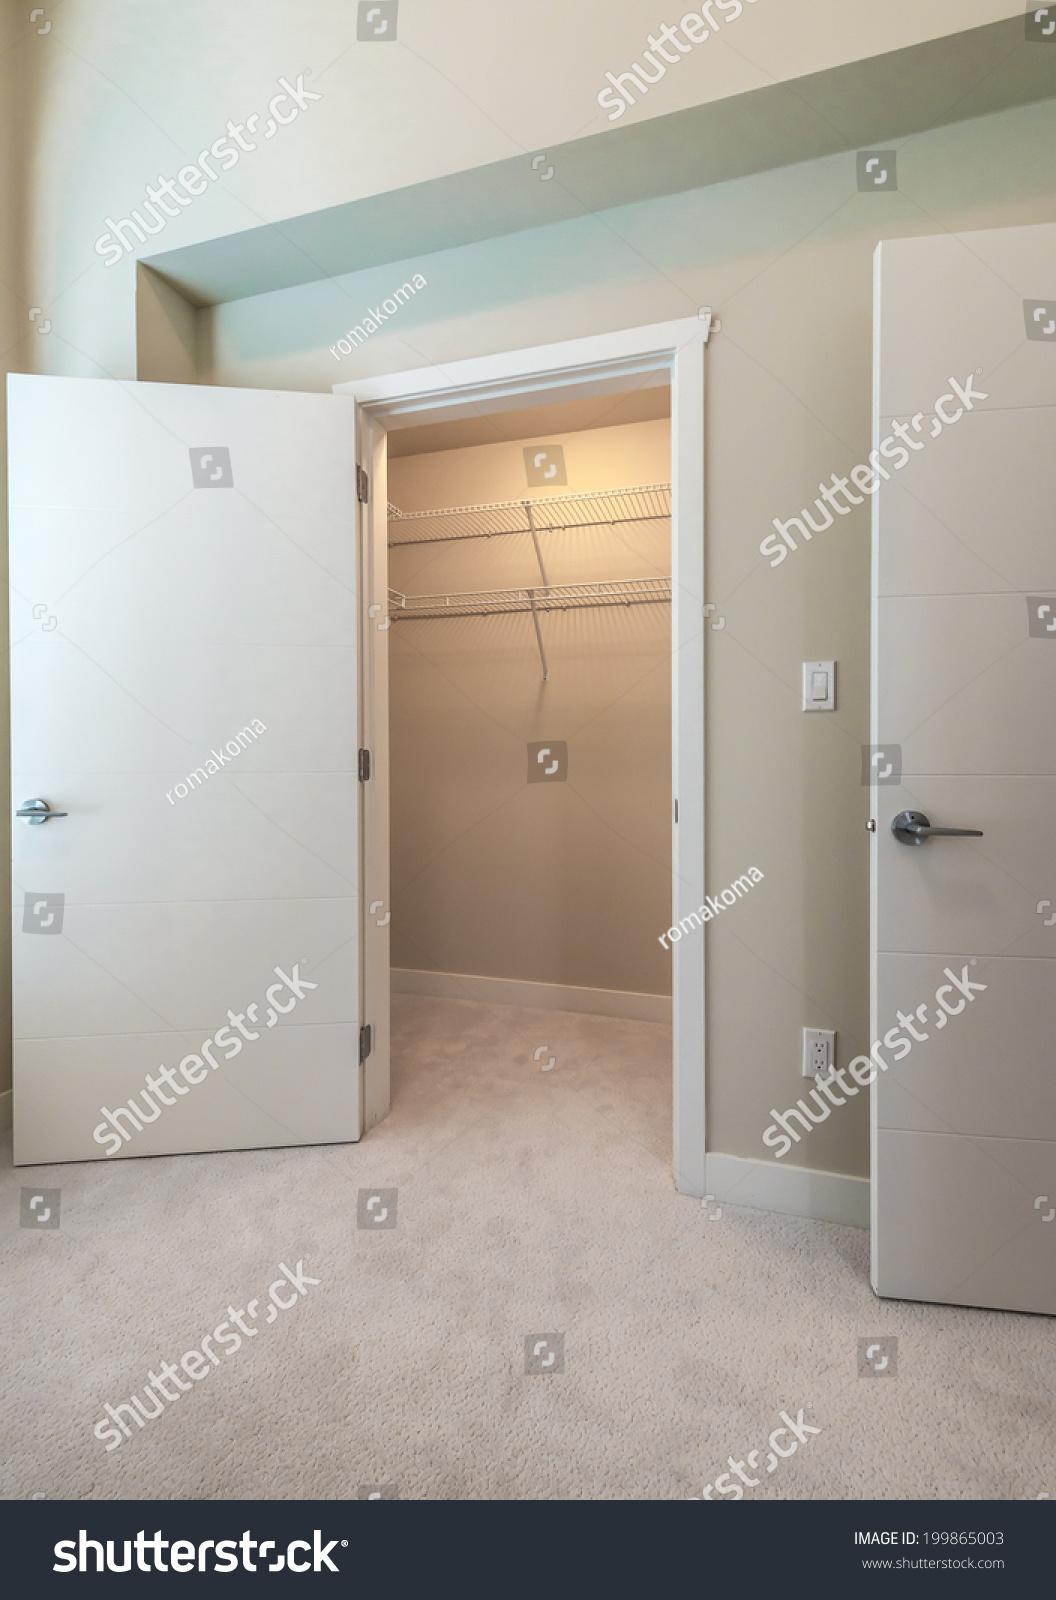 empty closet door room interior empty closet working cupboard in bedroom closet working cupboard bedroom stock photo edit now